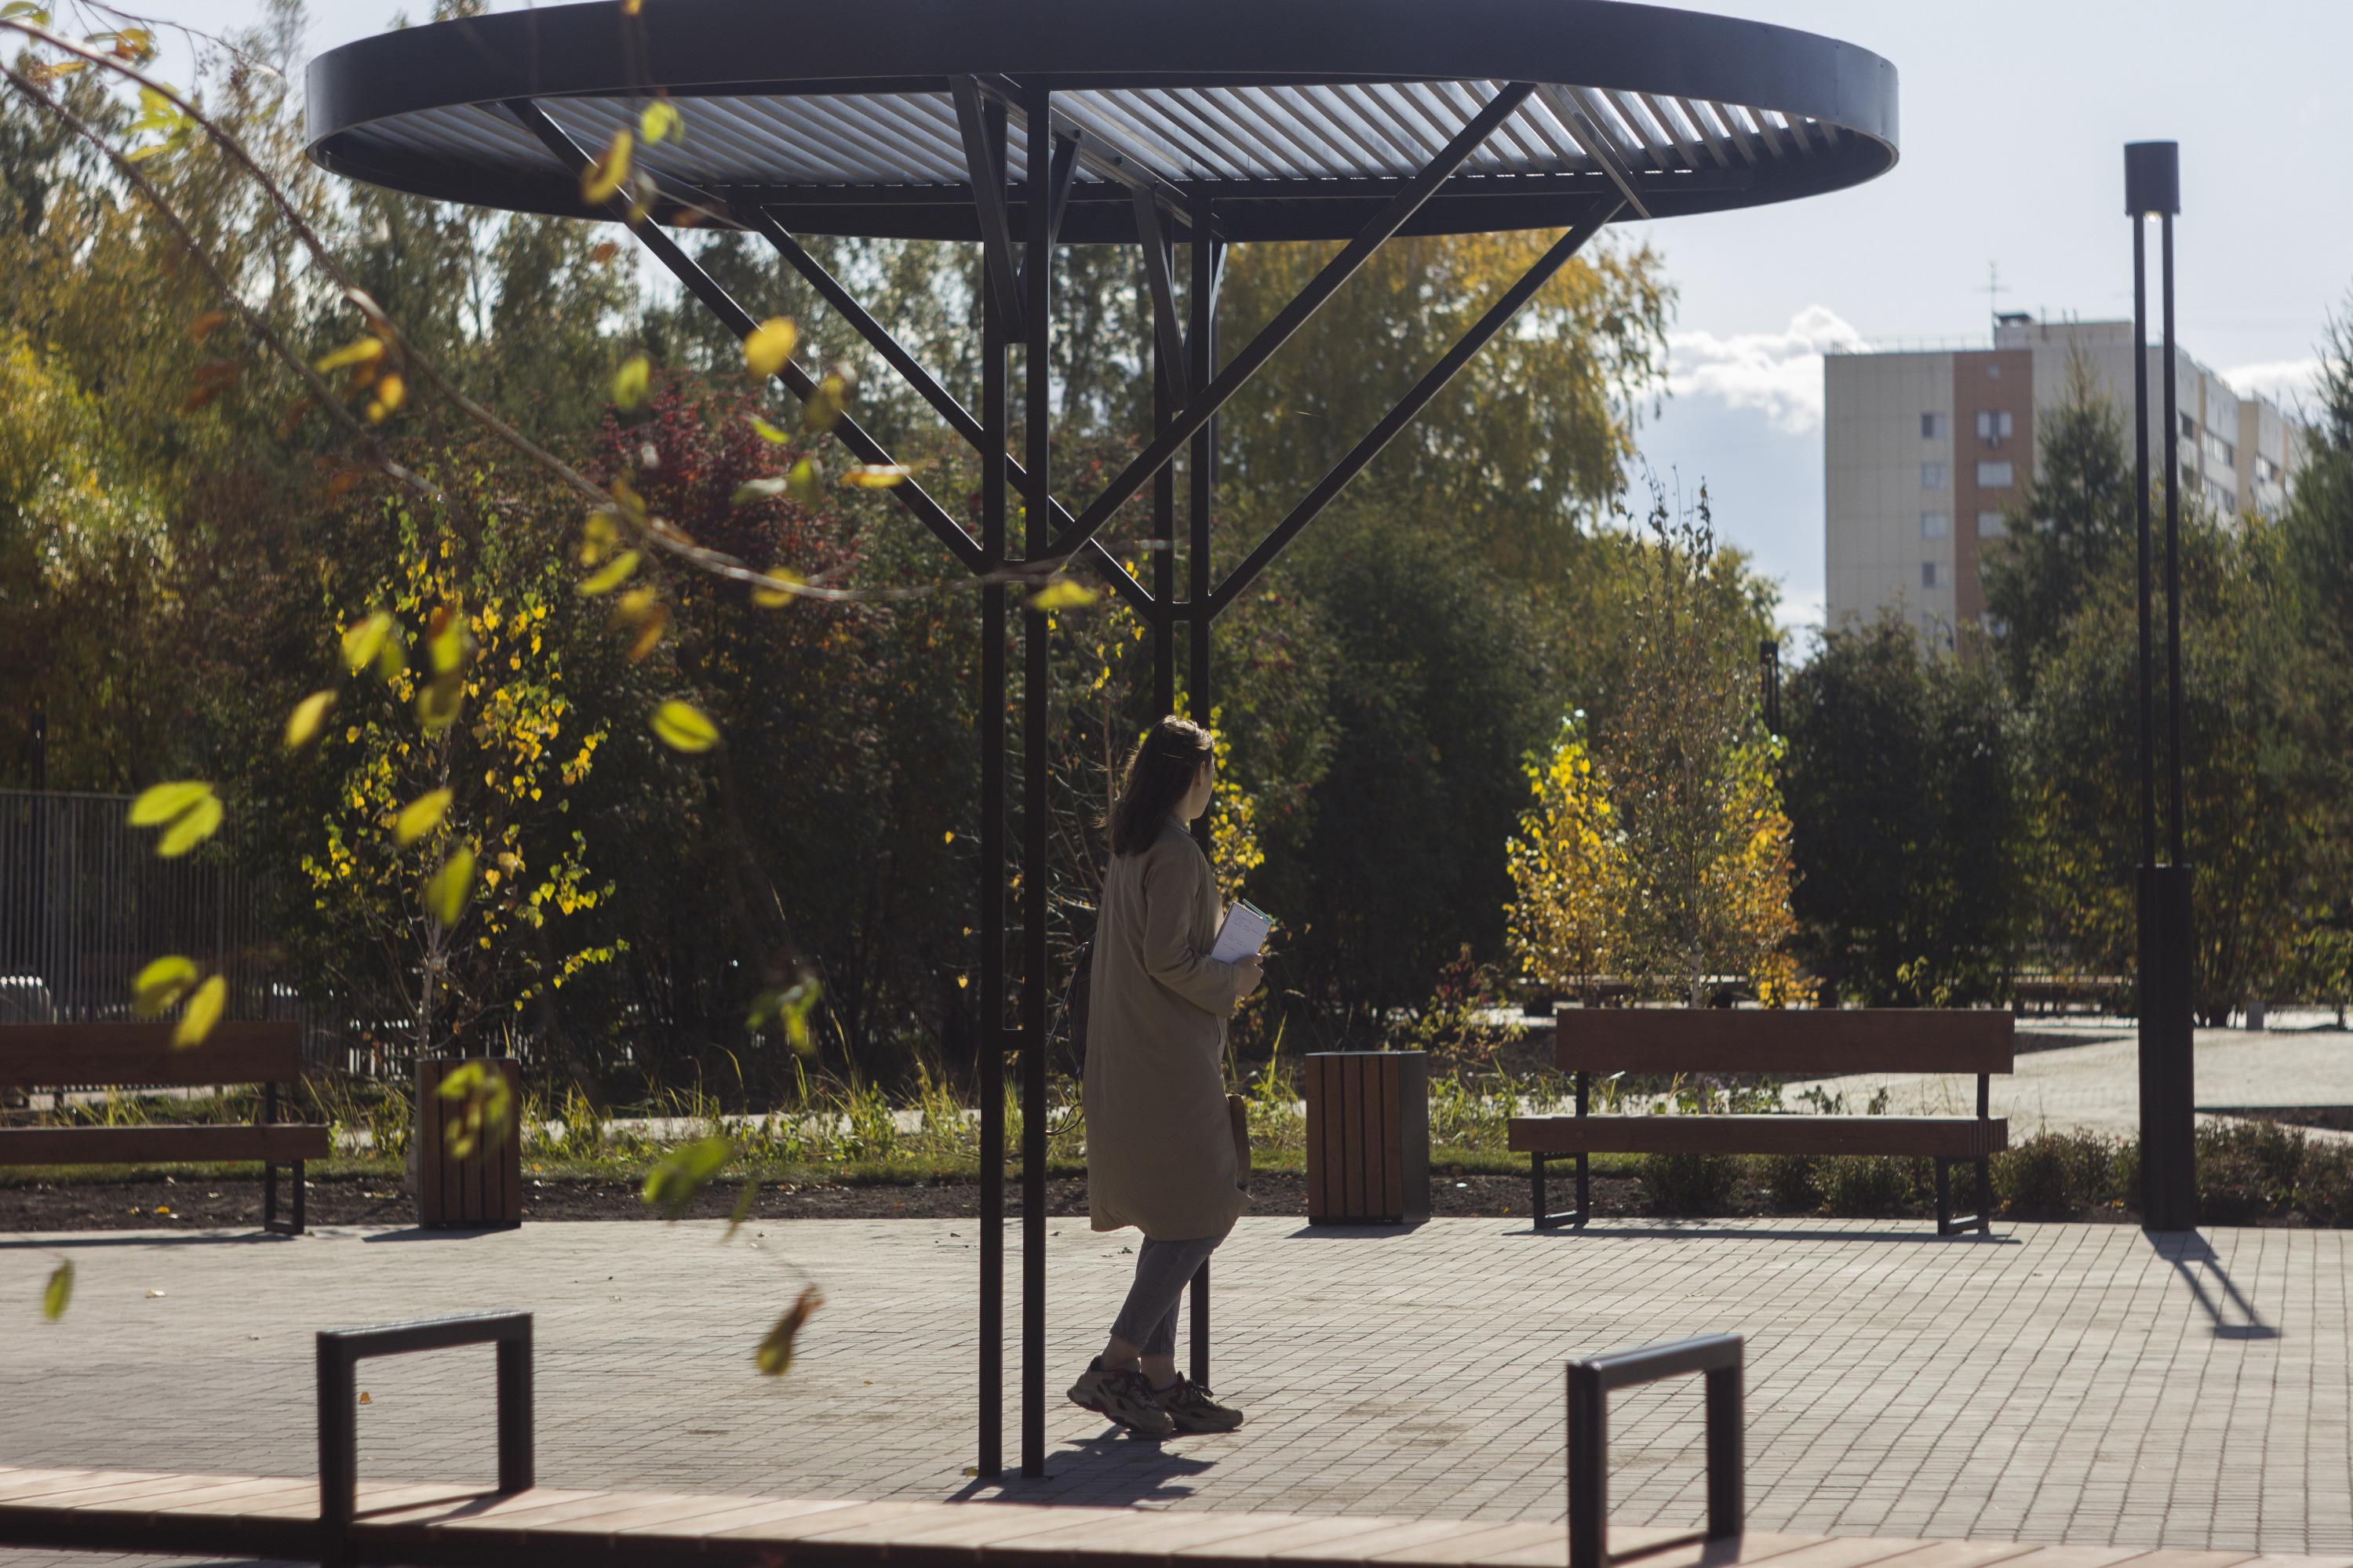 На территории парка появились такие вот арт-объекты